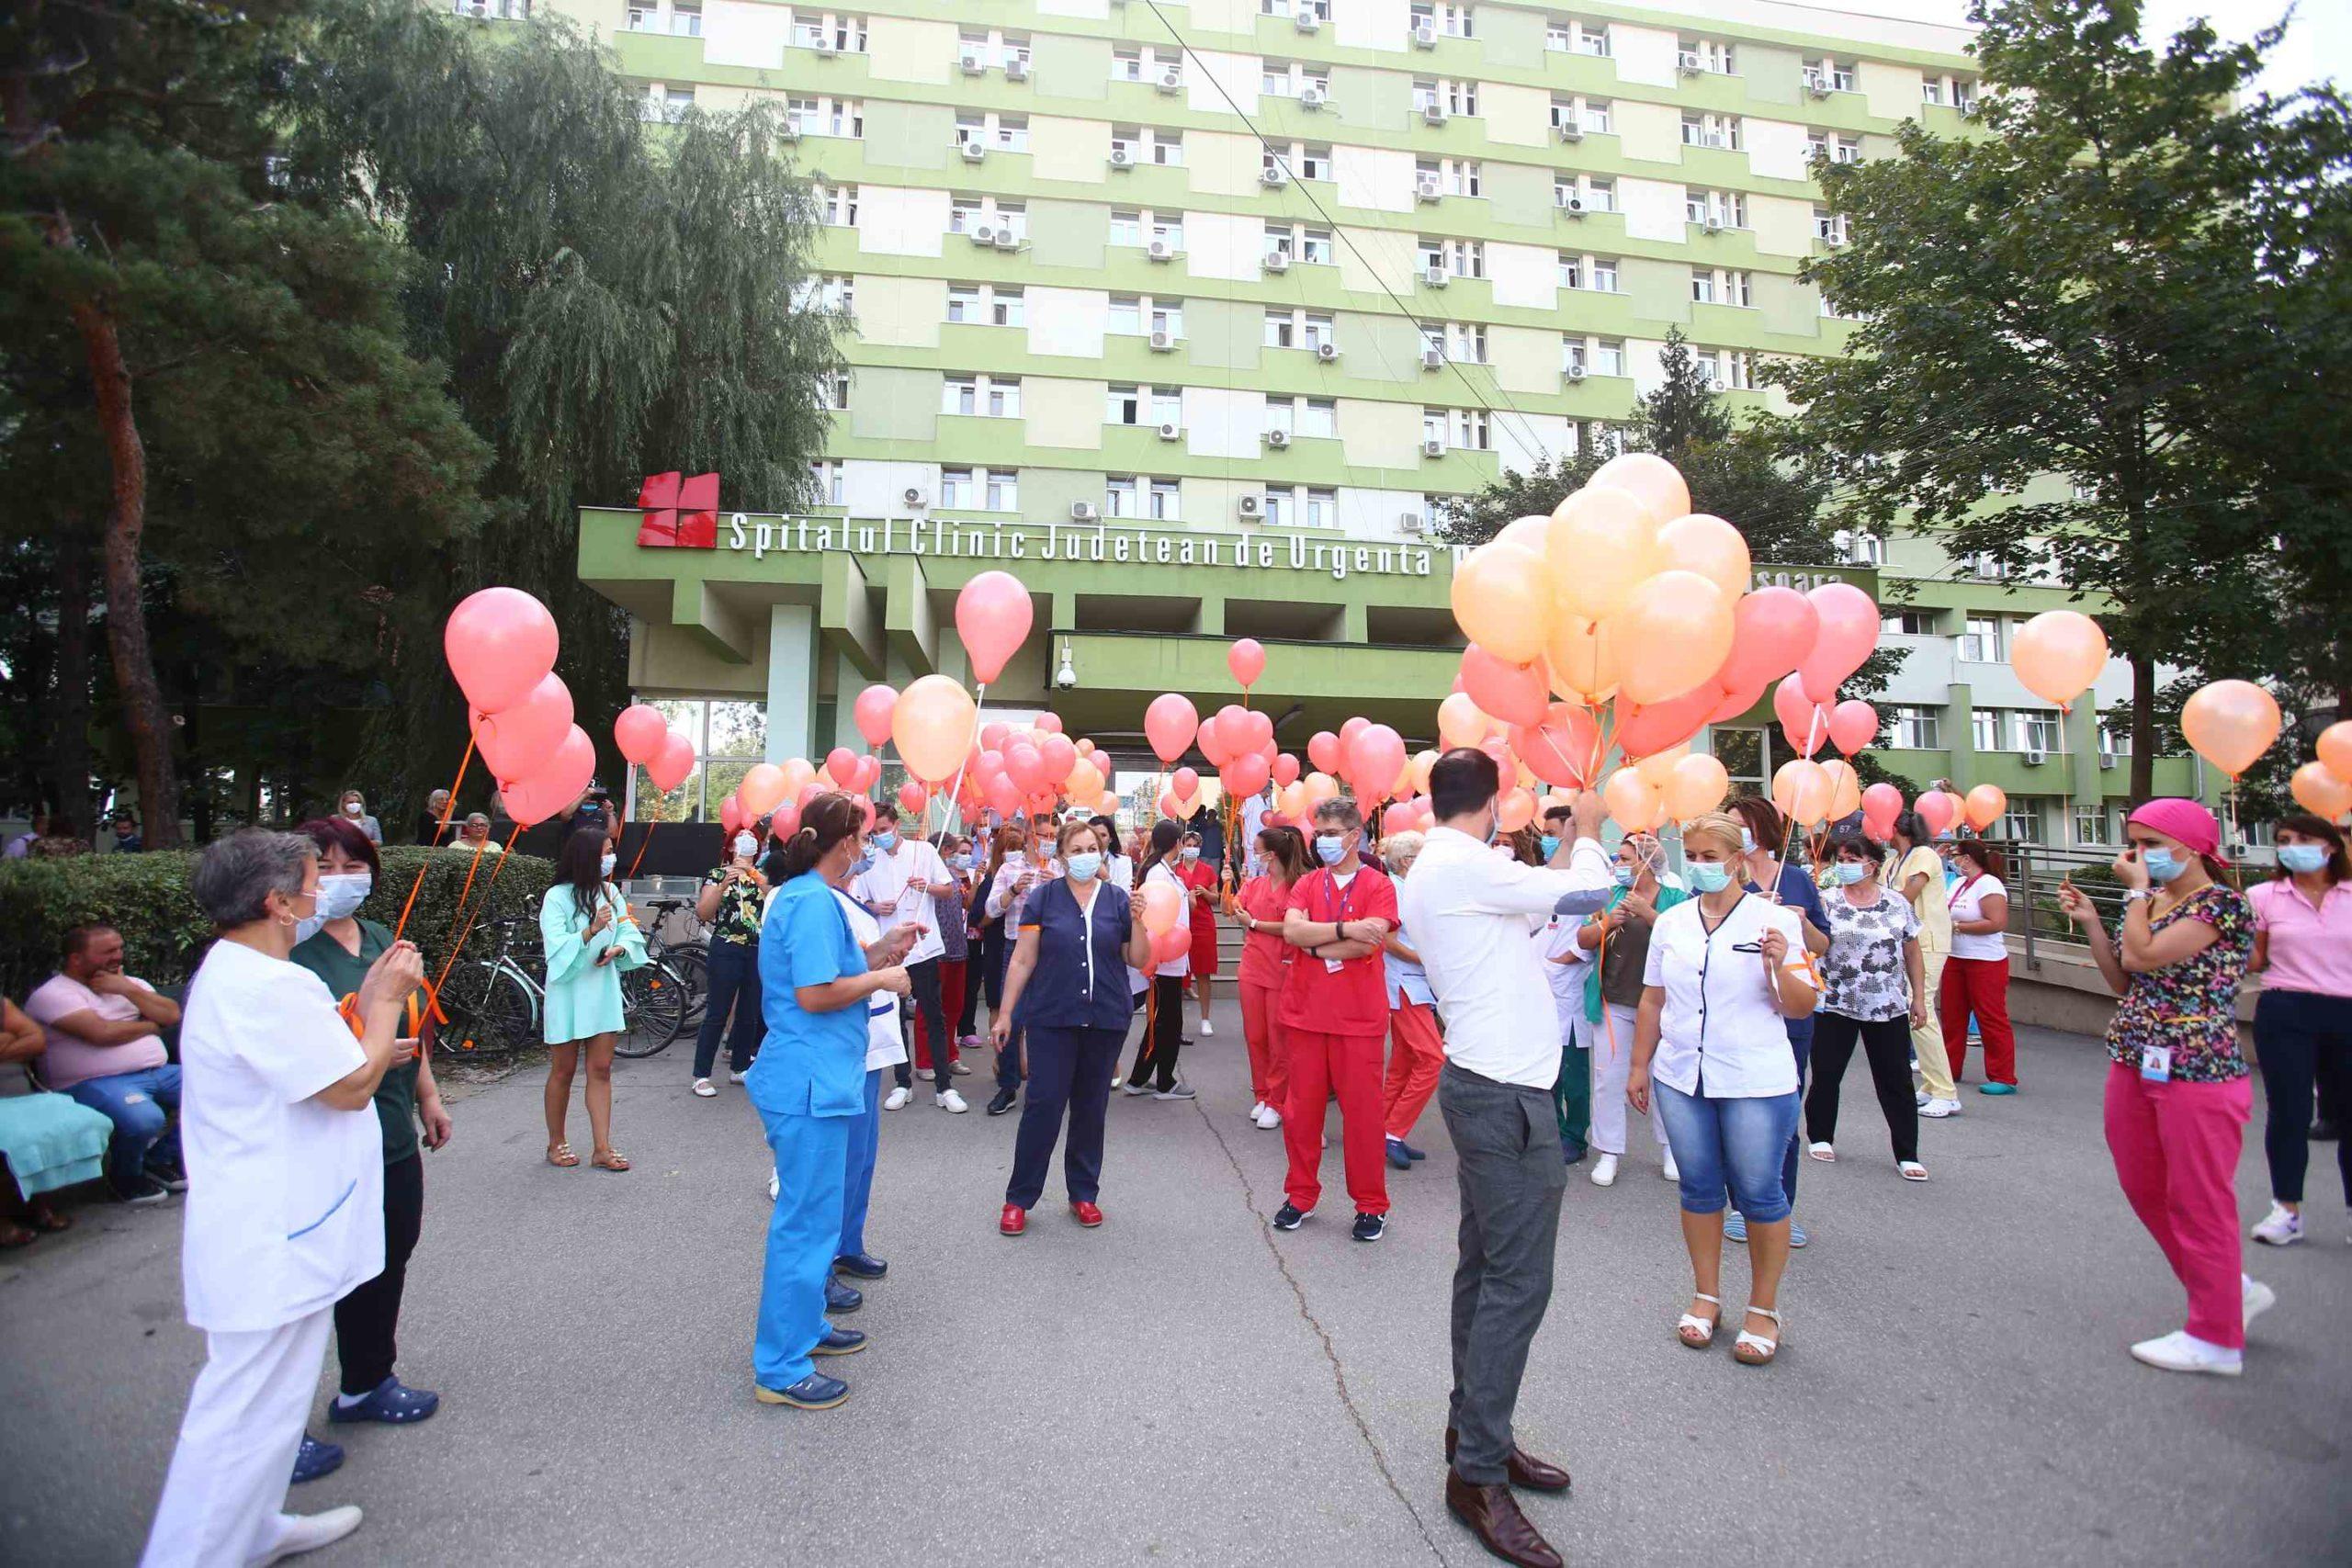 Baloane portocalii lansate în fața Spitalului Județean Timișoara pentru pacienți și aplauze pentru cadrele medicale aflate în lupta cu Covid-19